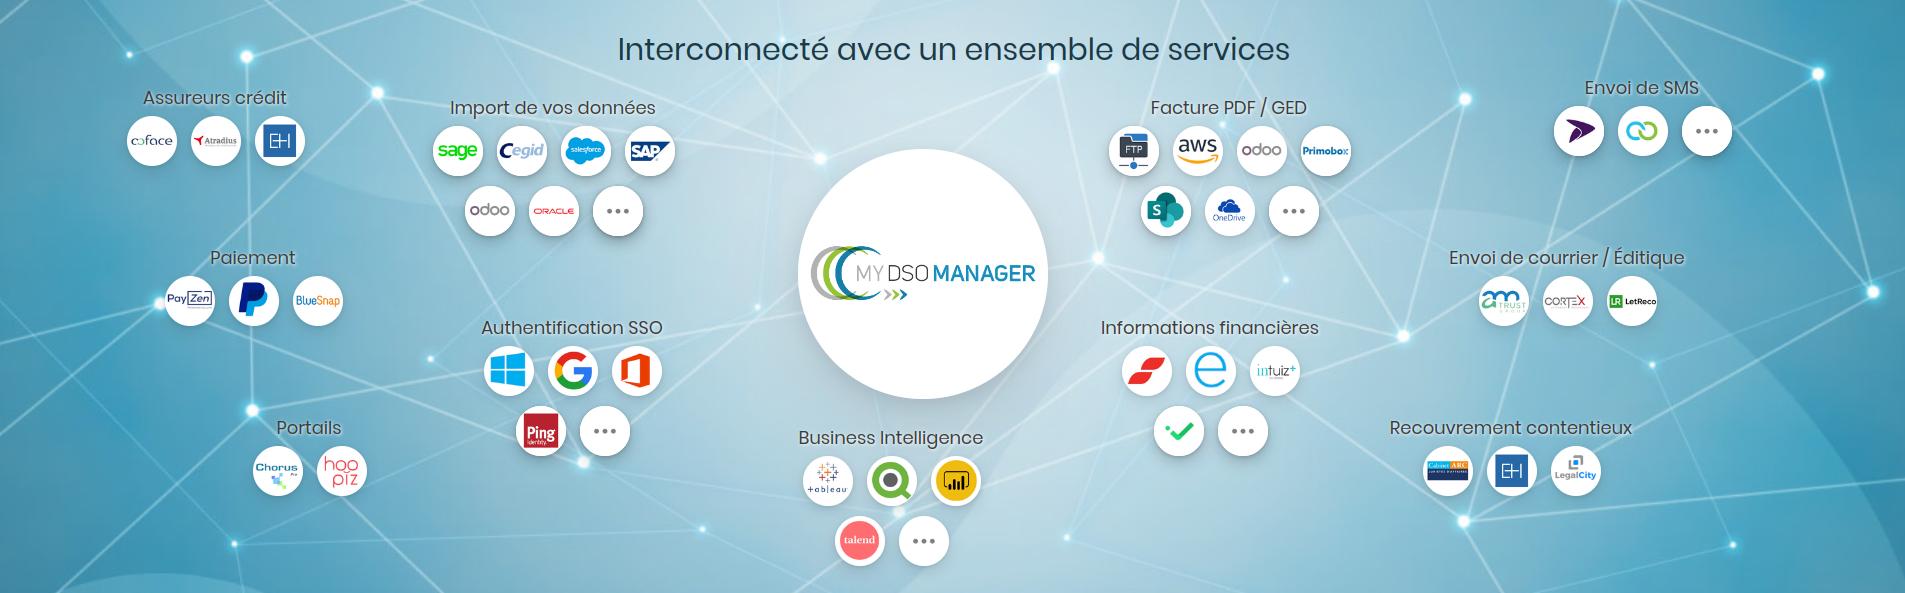 Avis My DSO Manager : Logiciel de Recouvrement de Créances B2B - Appvizer